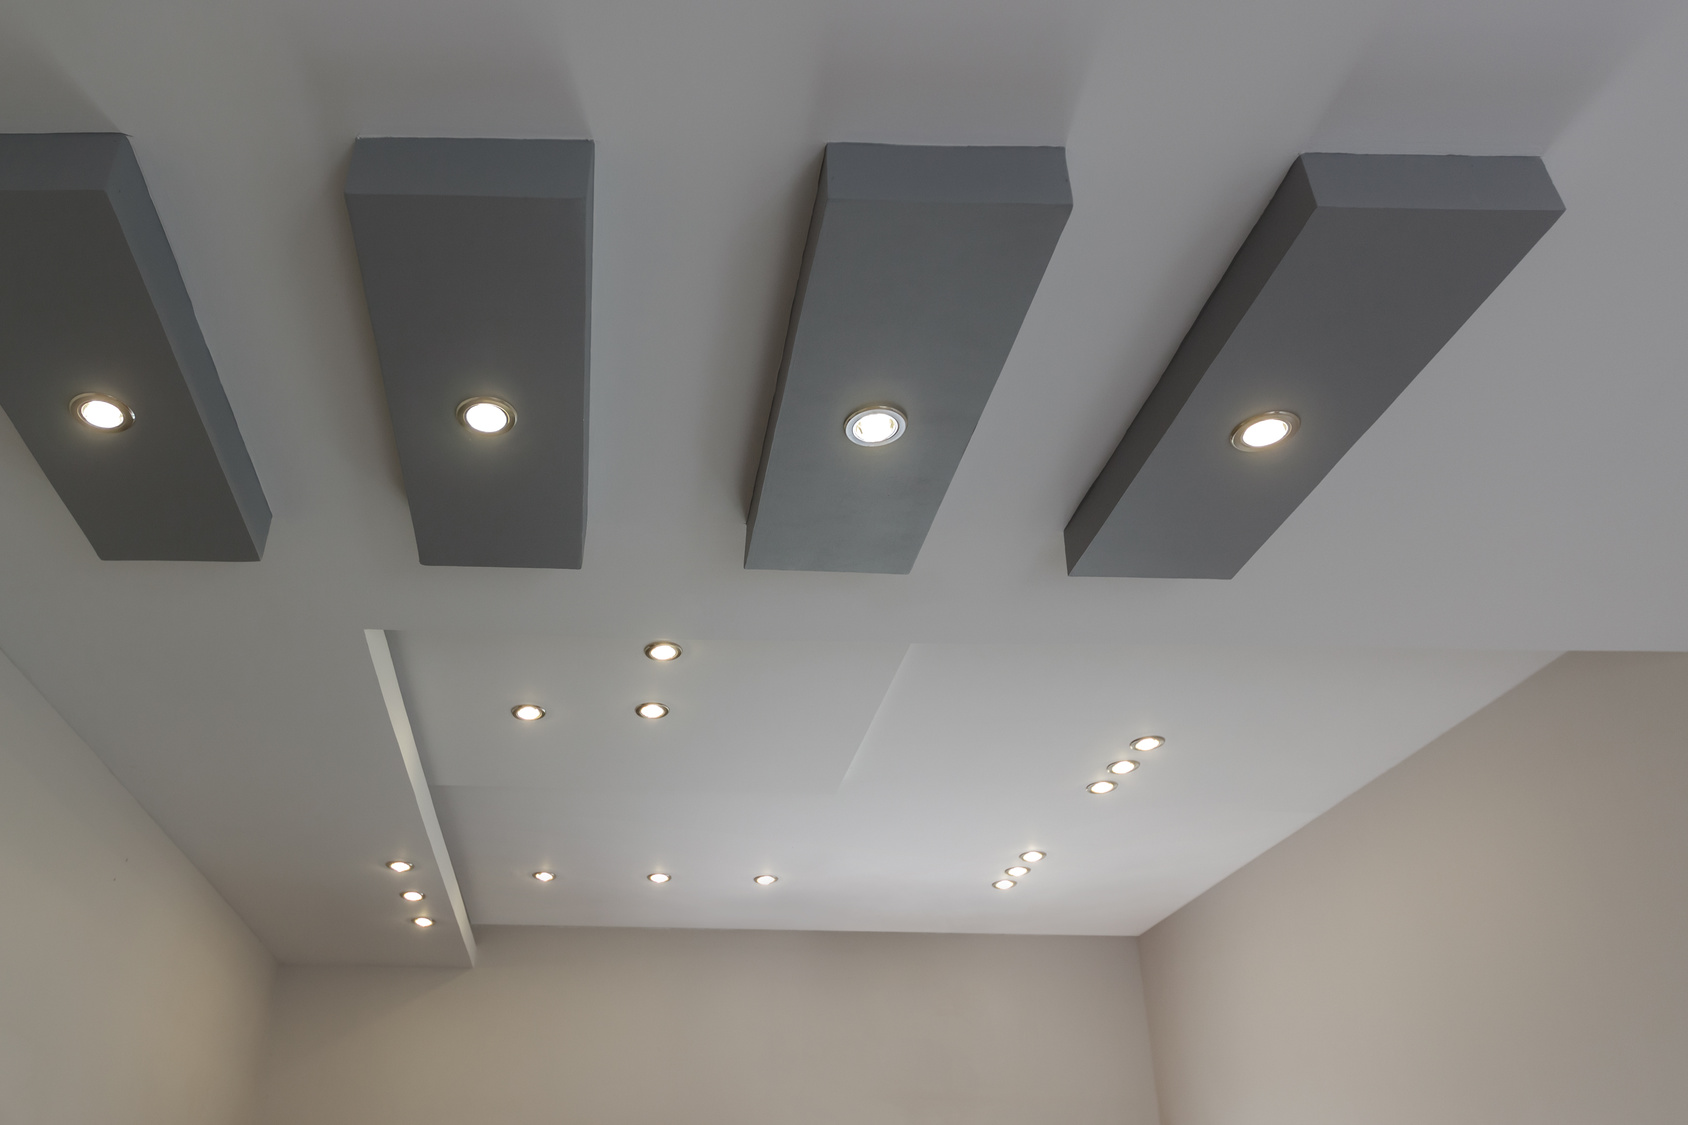 Ordinaire Comment Mettre Des Spots Dans Un Faux Plafond #10: Guide En Rénovation Et Devis Travaux